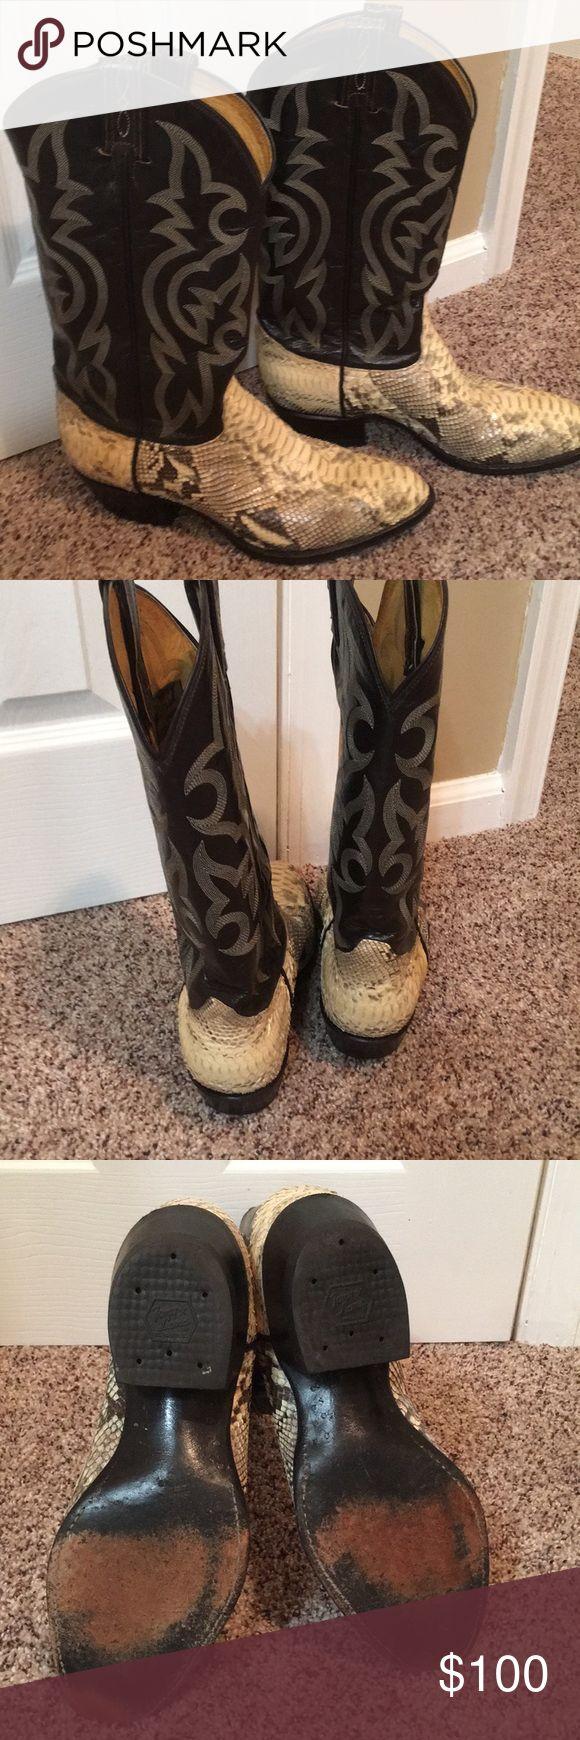 Tony Lama boots Tony Lama Snakeskin cowboy boots size 7 1/2 EE Tony Lama Shoes Cowboy & Western Boots